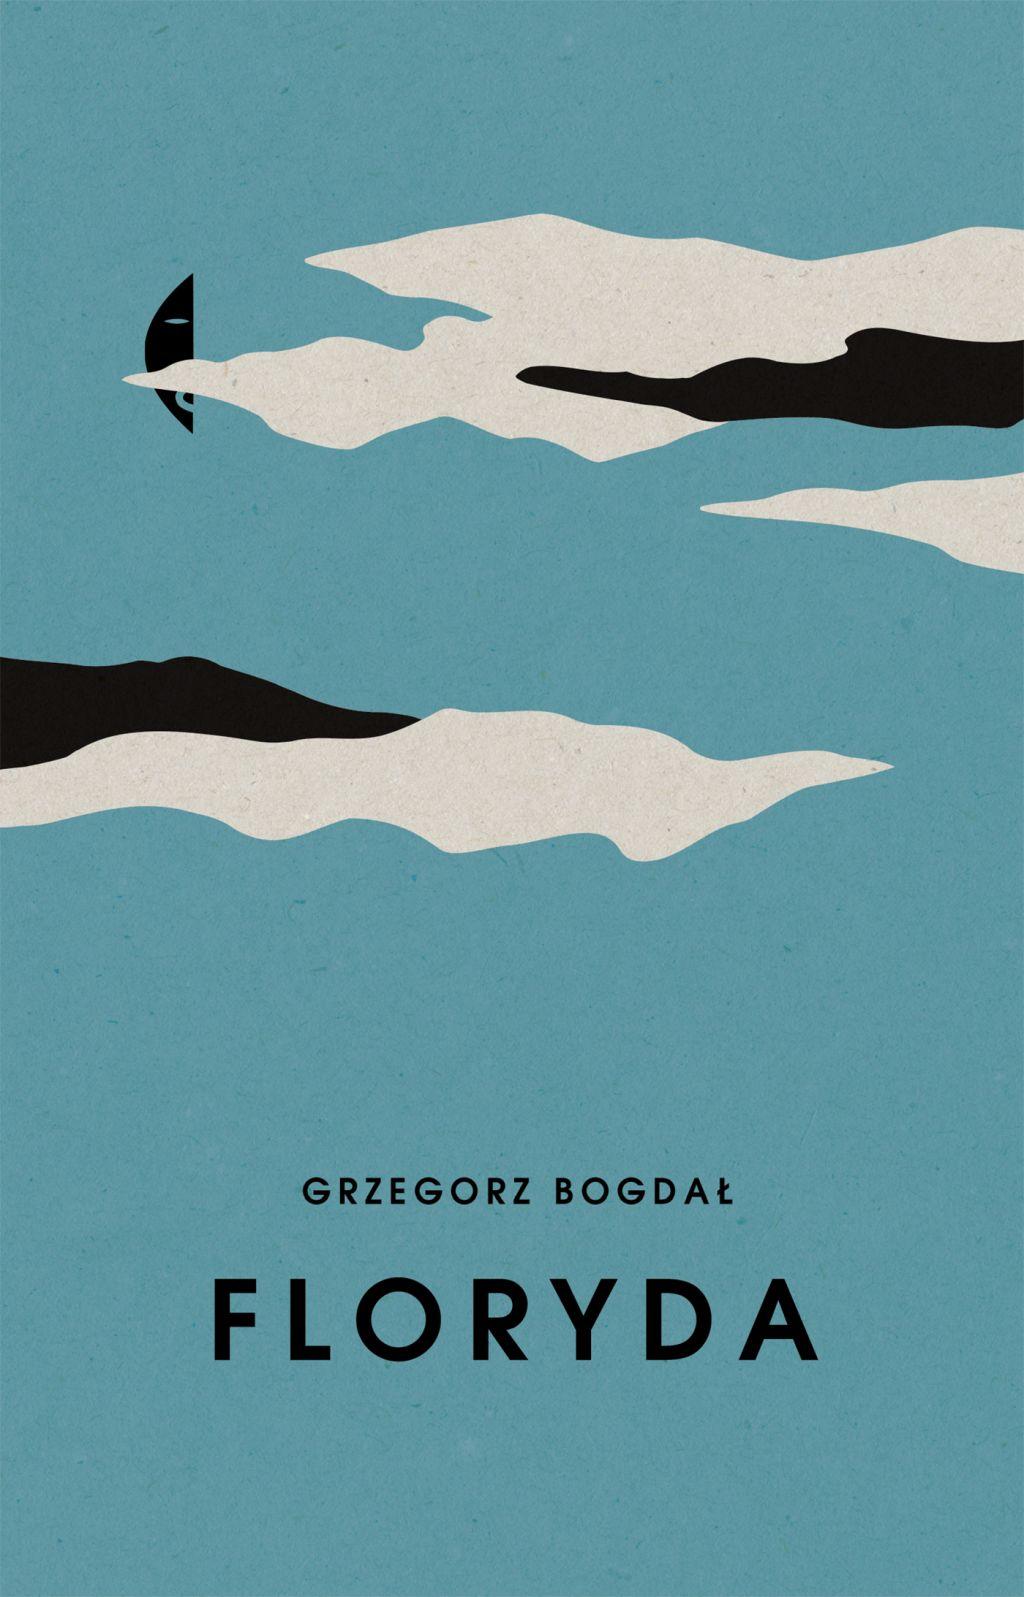 """Grzegorz Bogdał, """"Floryda"""" (źródło: materiały prasowe wydawcy)"""